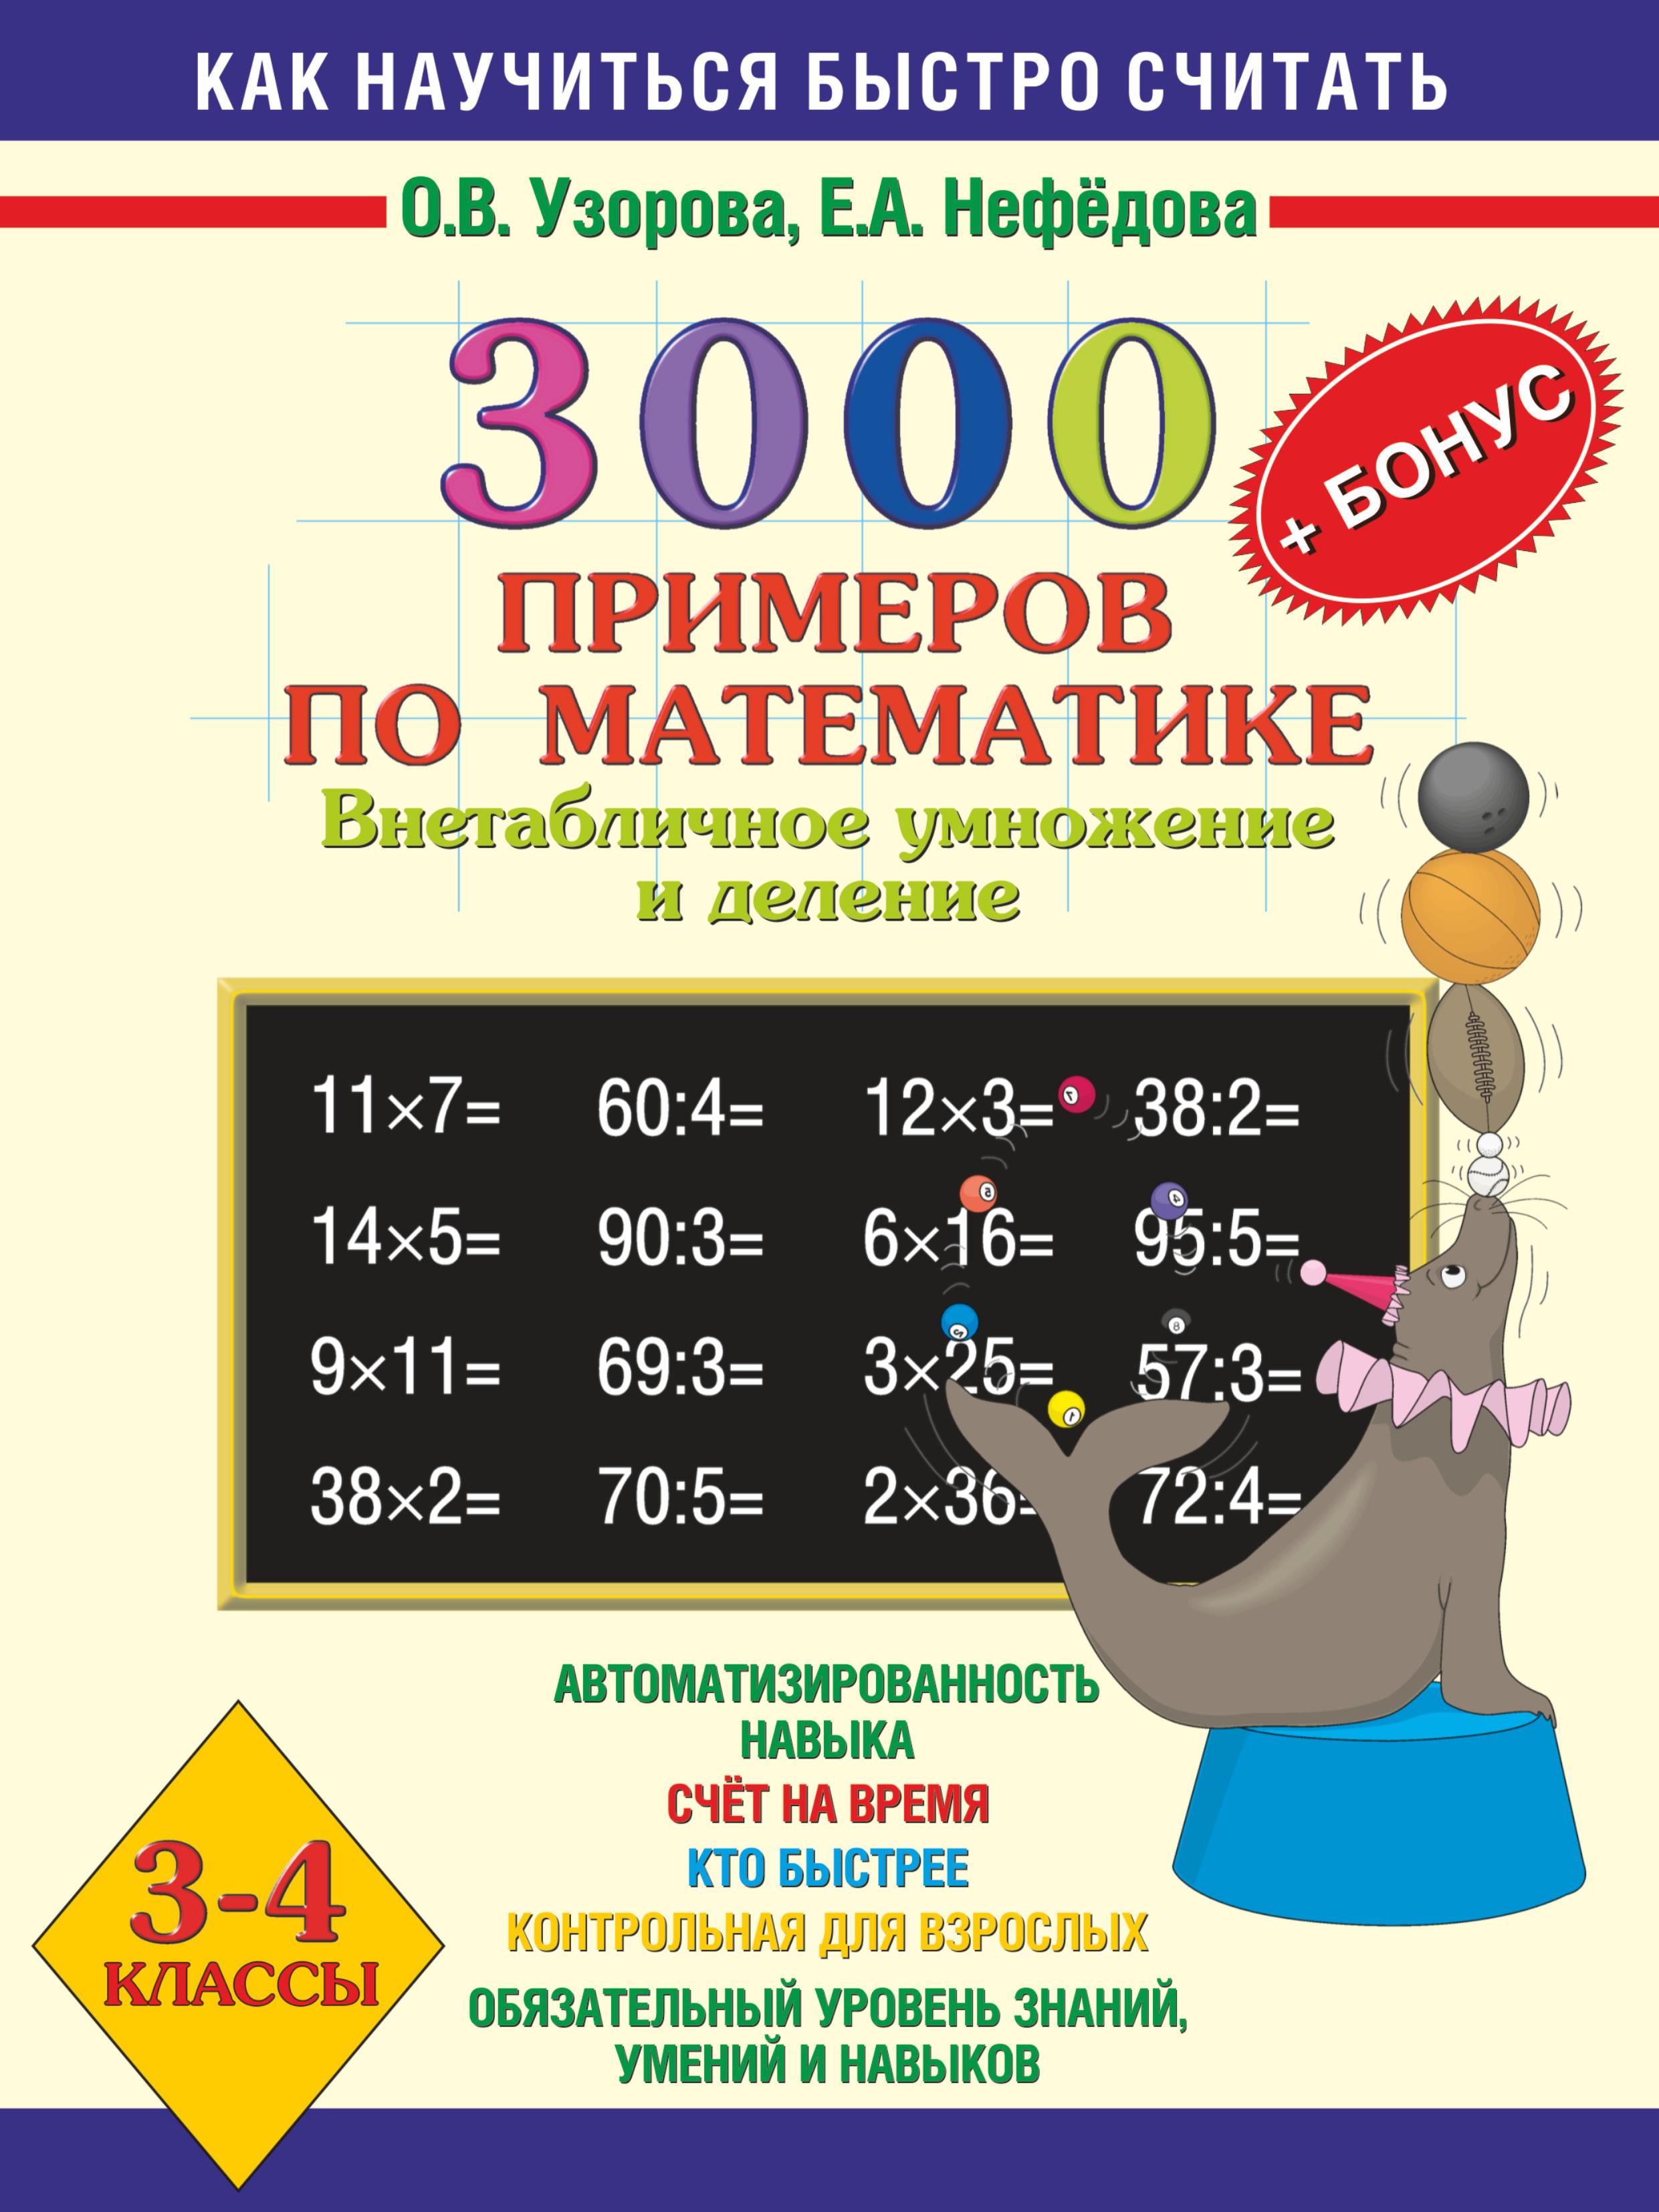 3000 примеров по математике. Внетабличное умножение и деление. 3-4 классы + бонус